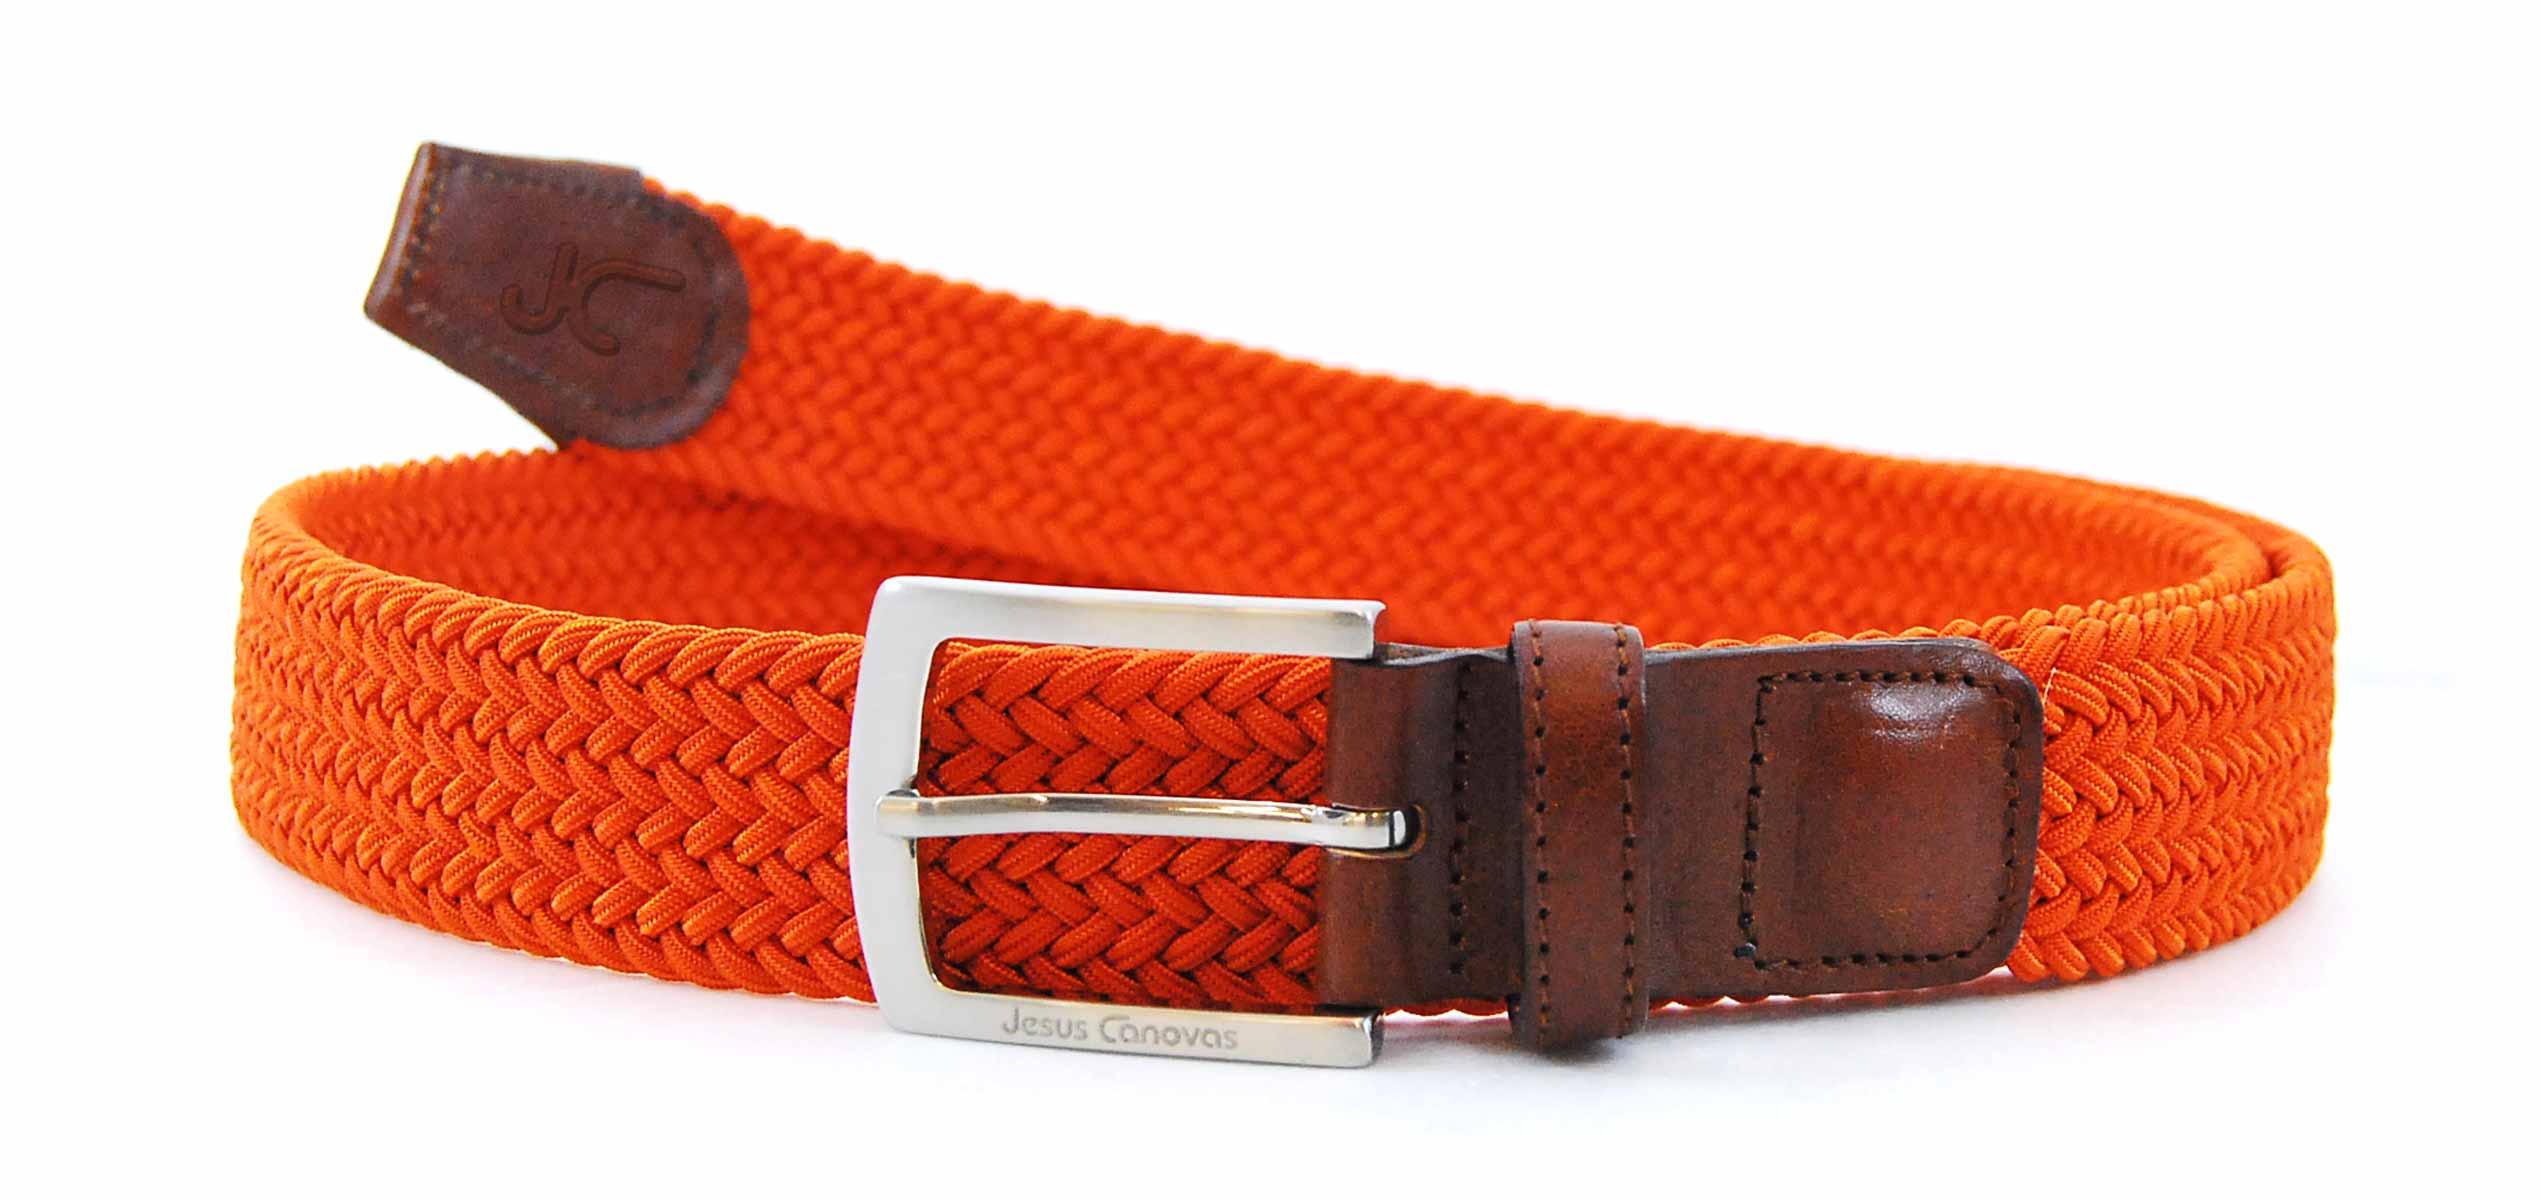 Foto 1 de Cinturon Trenzado Elastico Naranja